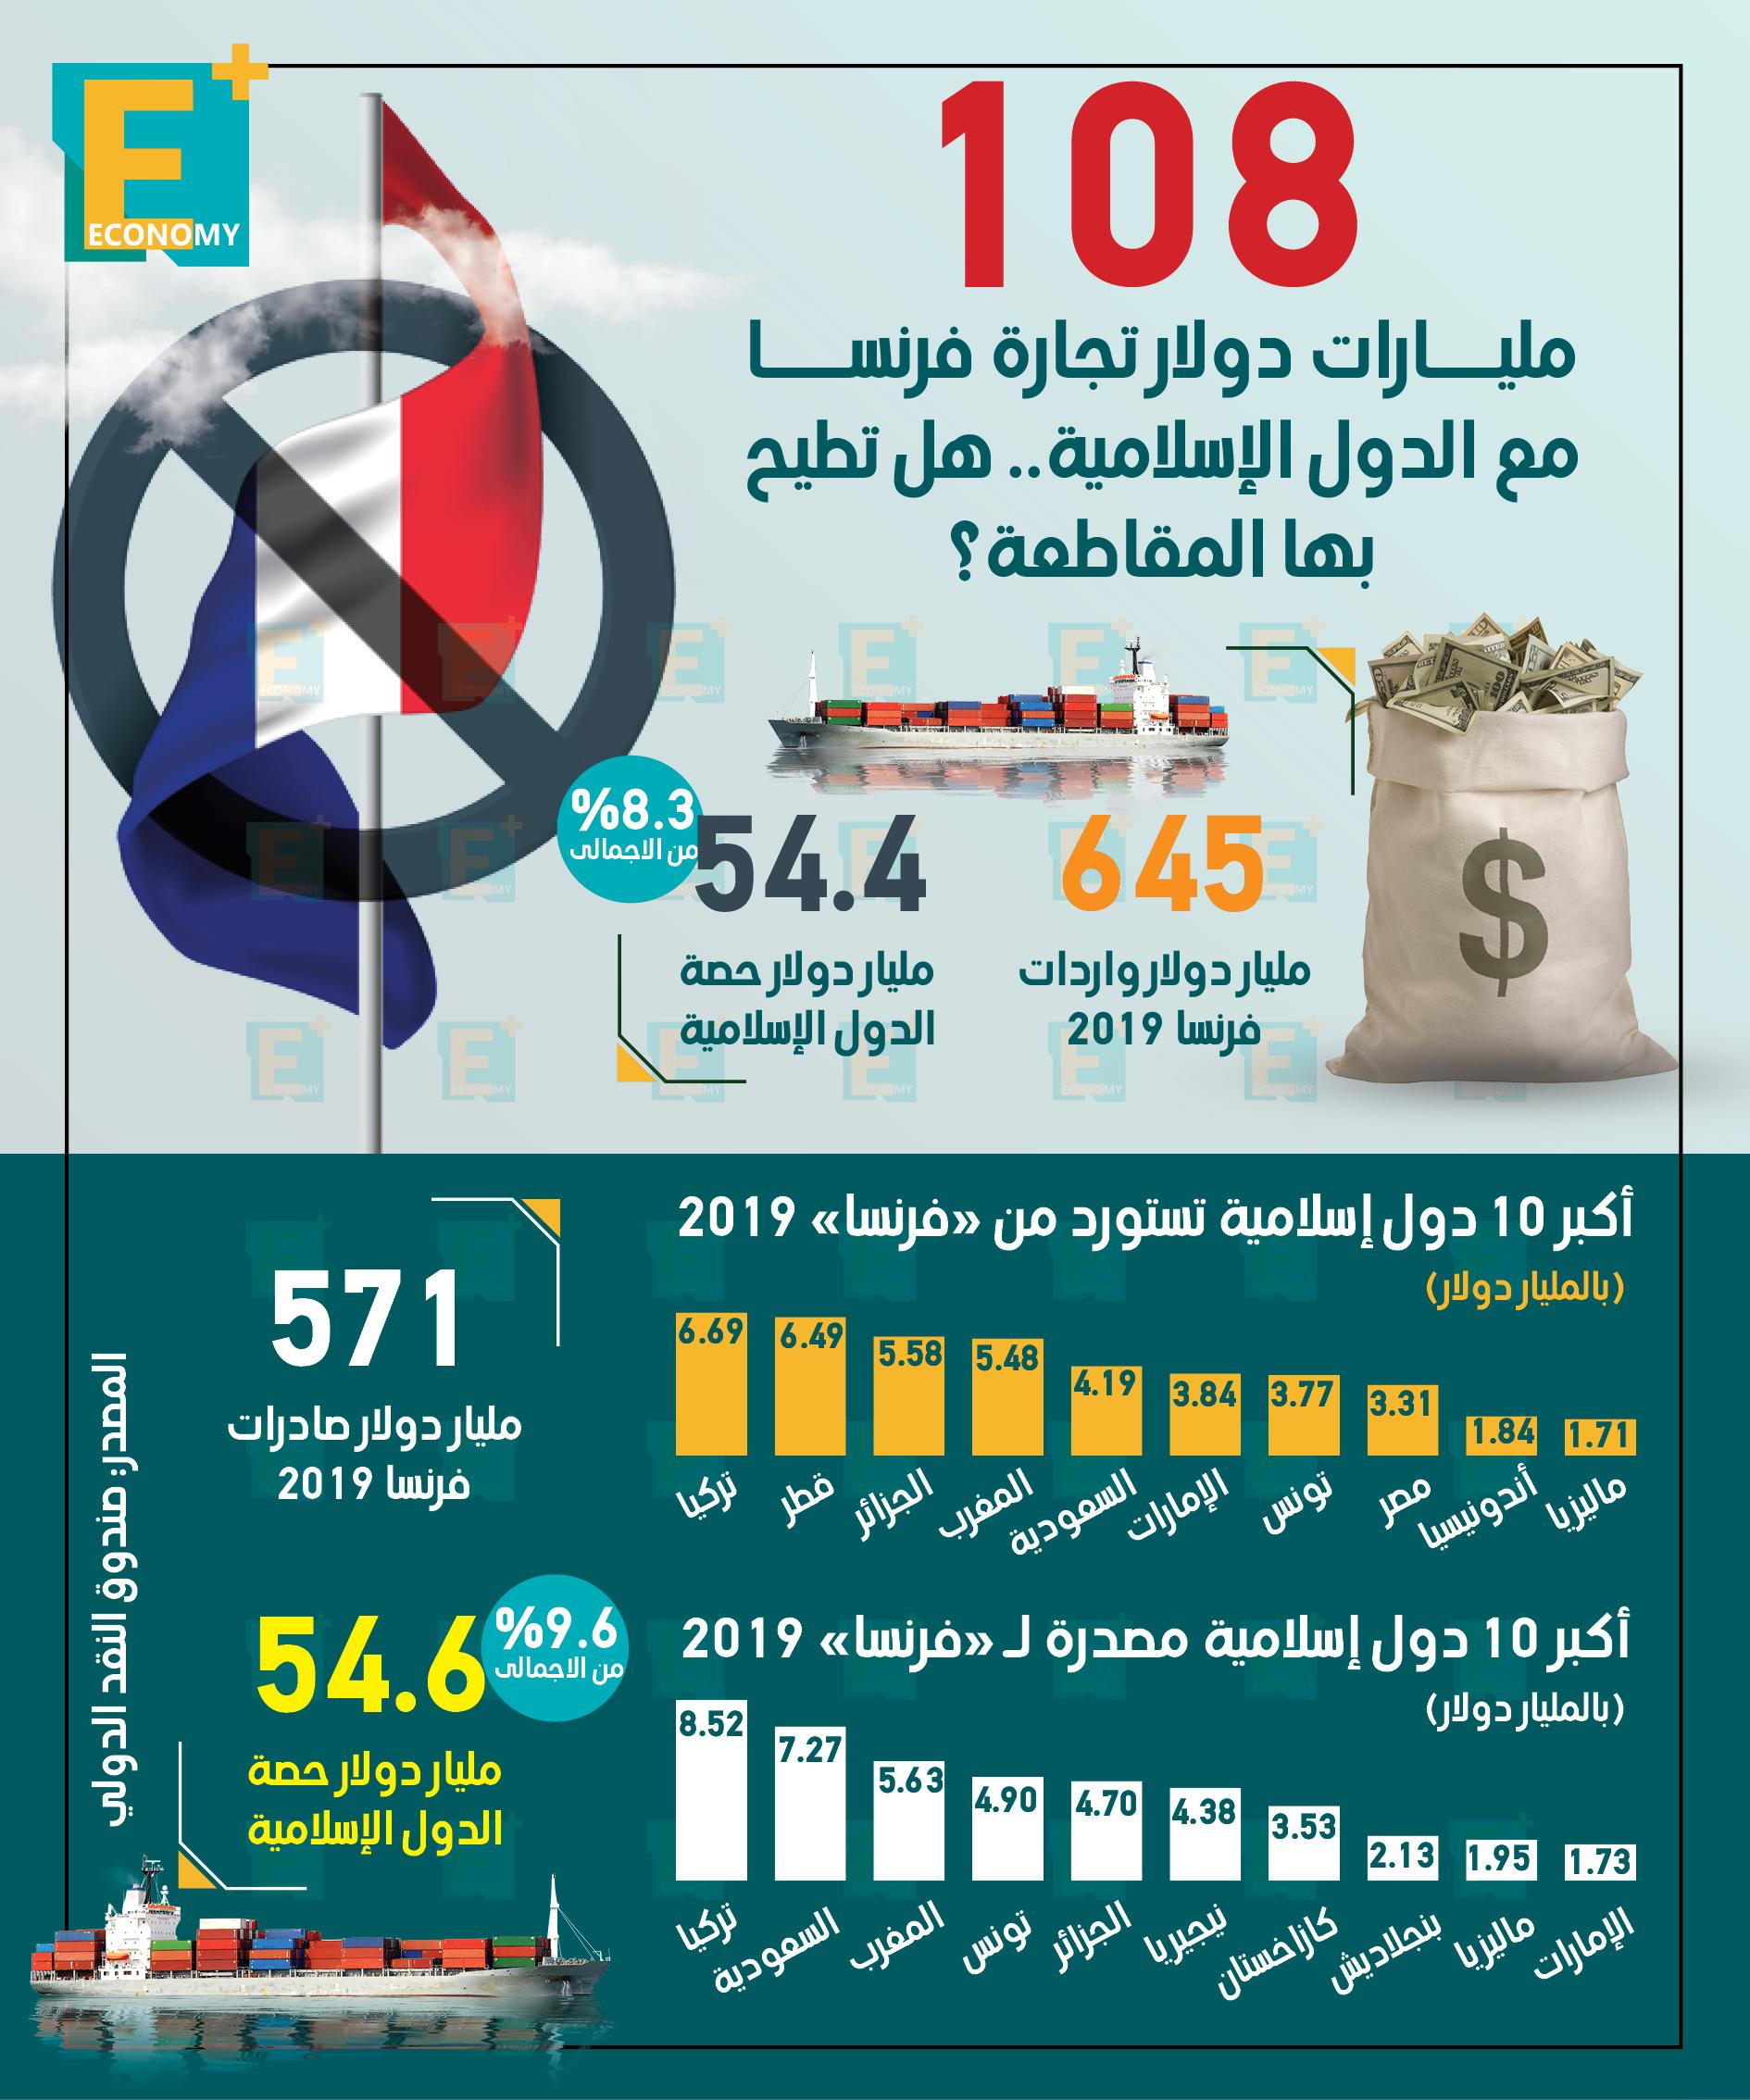 108 مليارات دولار تجارة فرنسا مع الدول الإسلامية.. هل تطيح بها المقاطعة؟